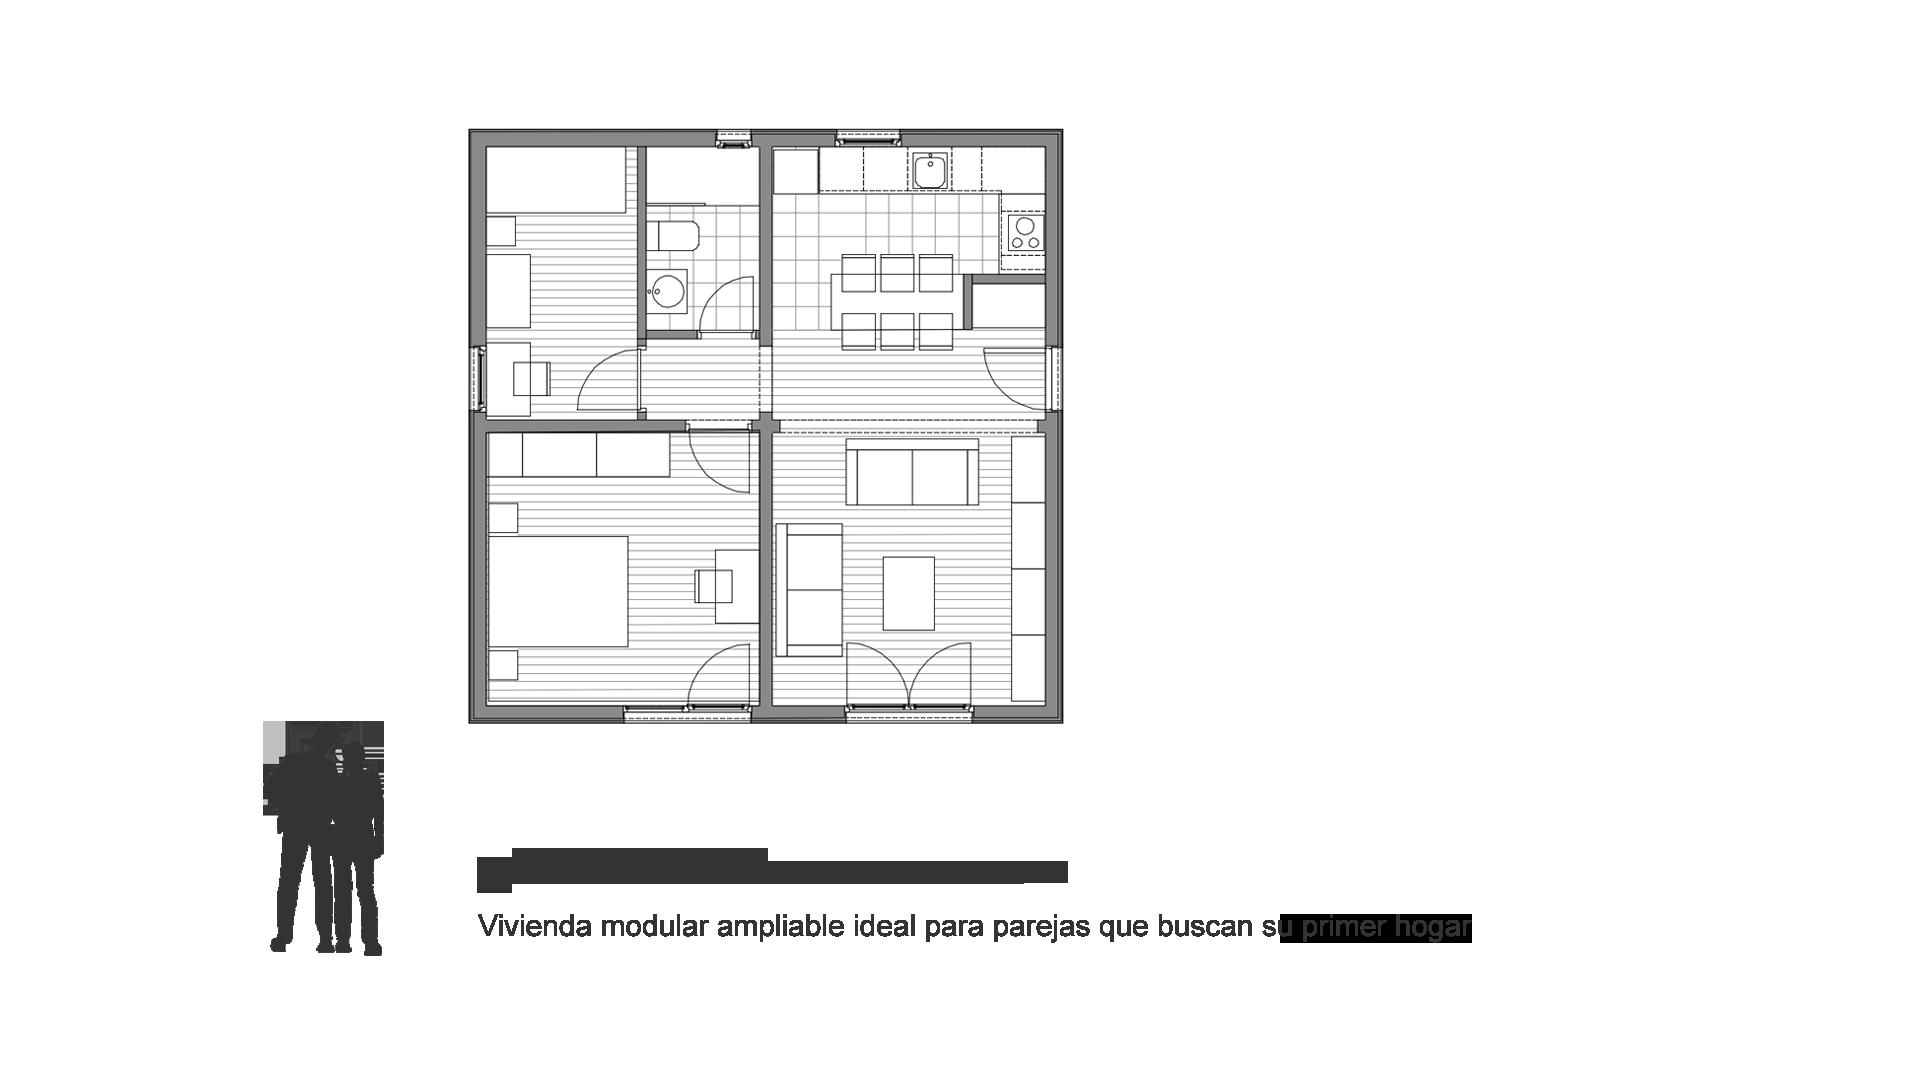 qubichome-64_1920x1080_planta